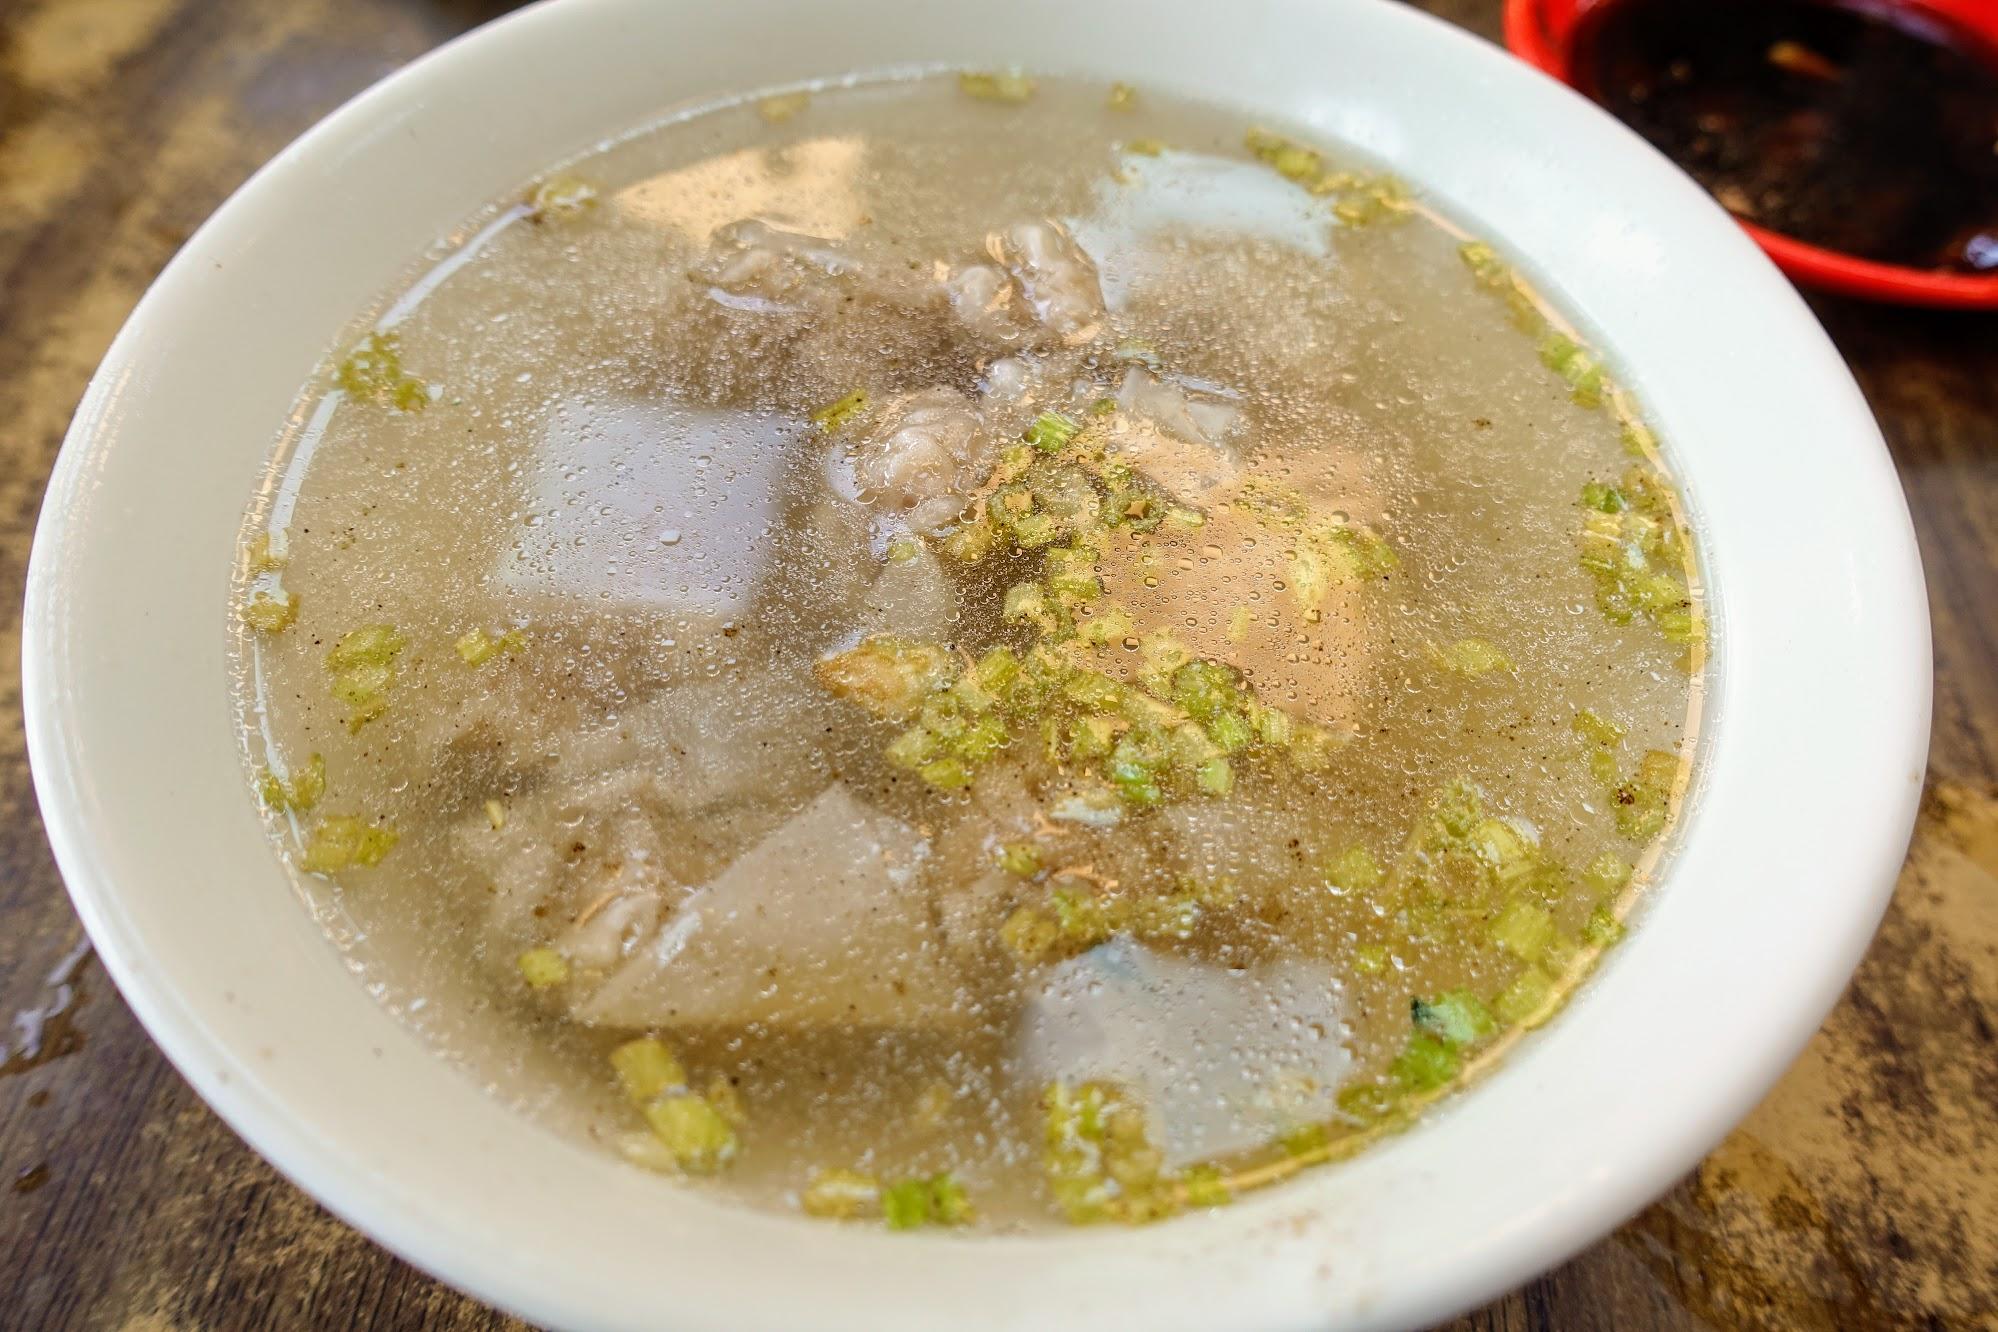 餛飩湯,胡椒根本免錢啊XDDD 是好喝,但是喝完嘴巴好乾